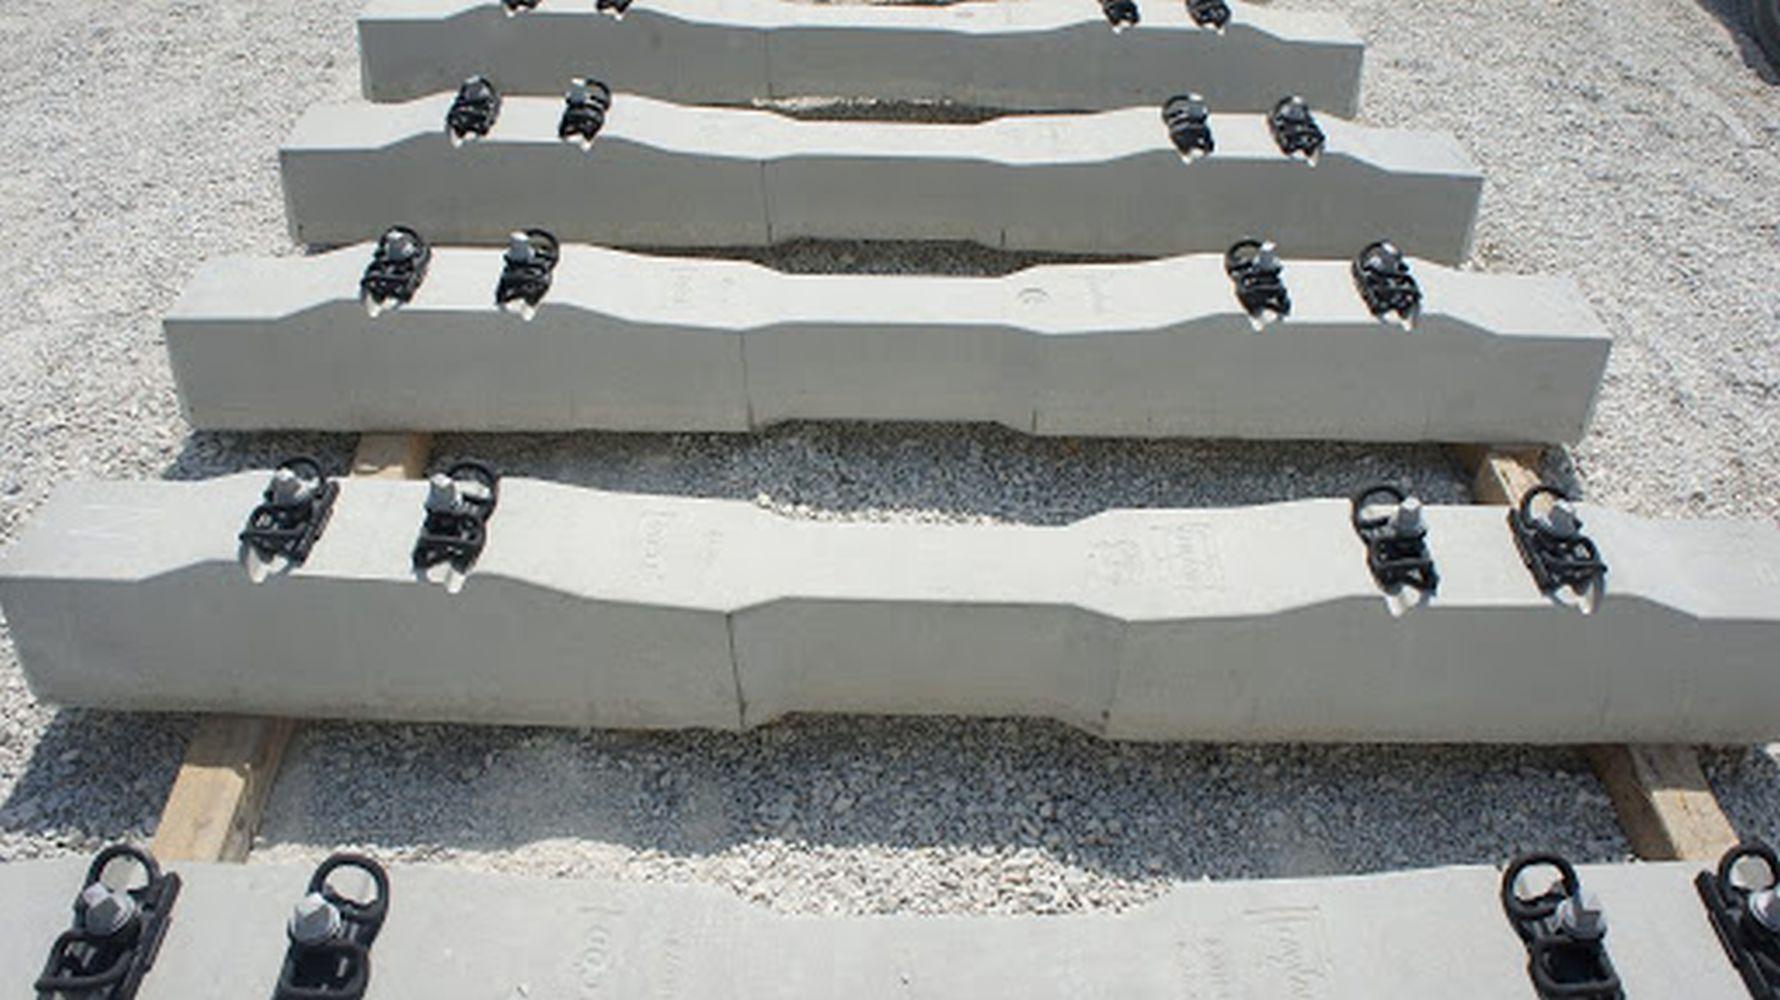 b Za proizvodnju betonskih pragova kupit će se zatezni čelik i pričvrsni materijal.